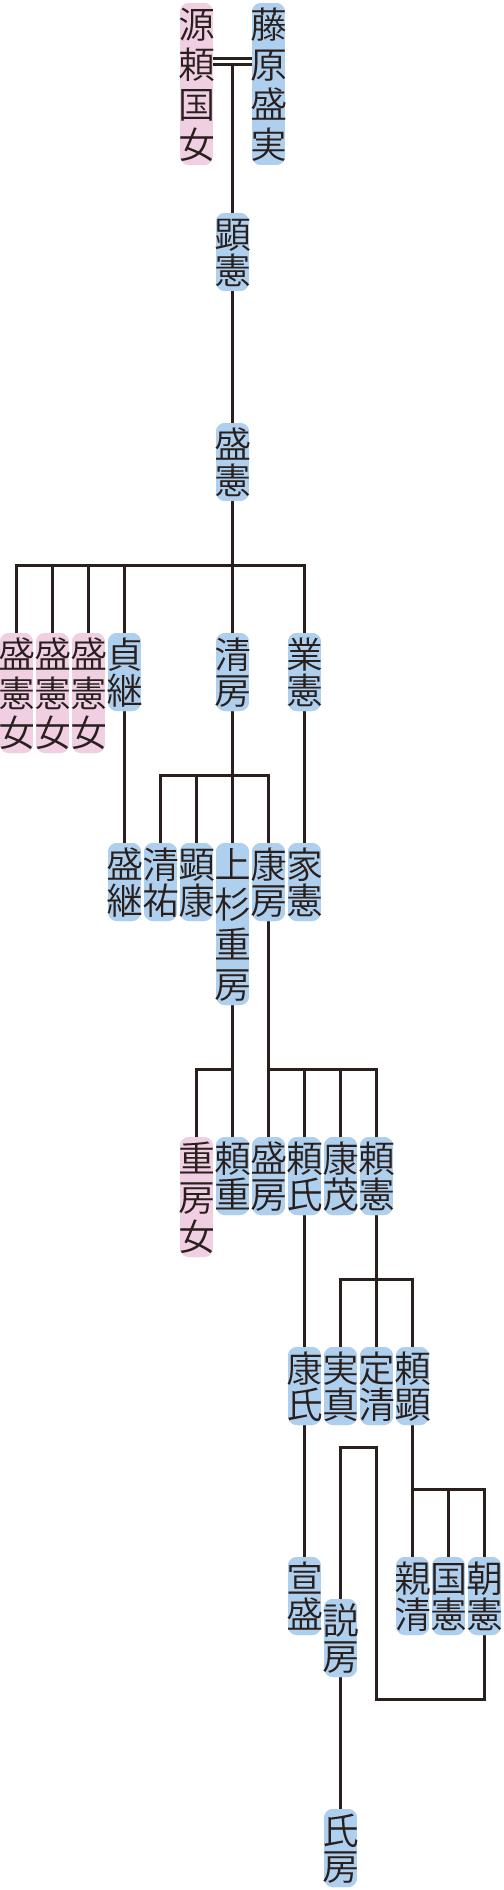 藤原盛憲・清房の系図